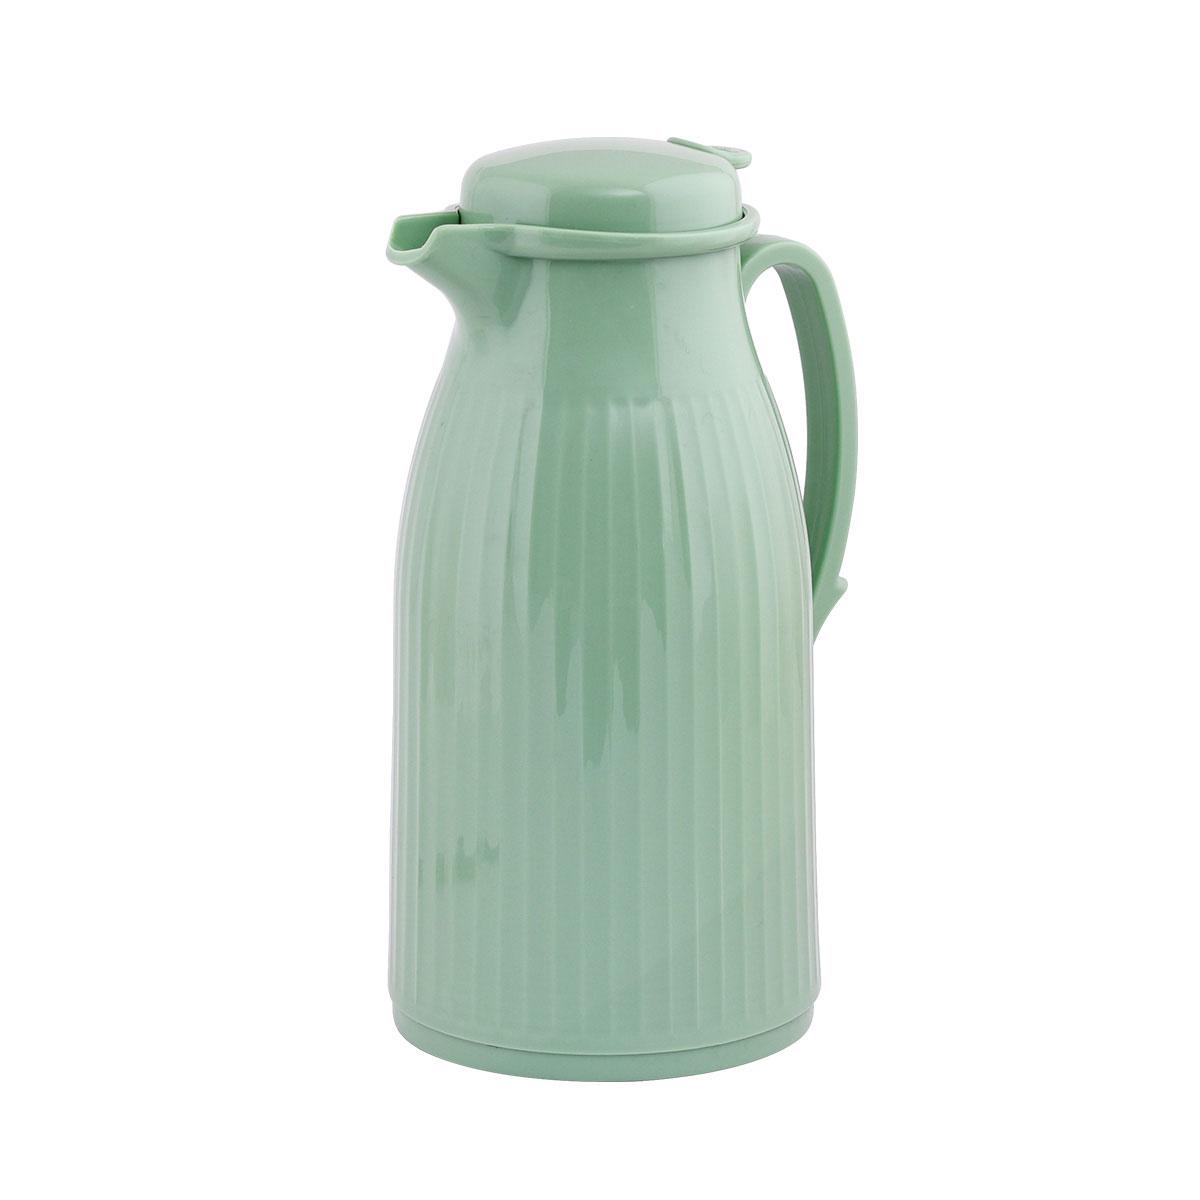 ترمس شاي وقهوة مور تايم - 1 لتر -  بلاستيك - متعدد الالوان رقم MY30036